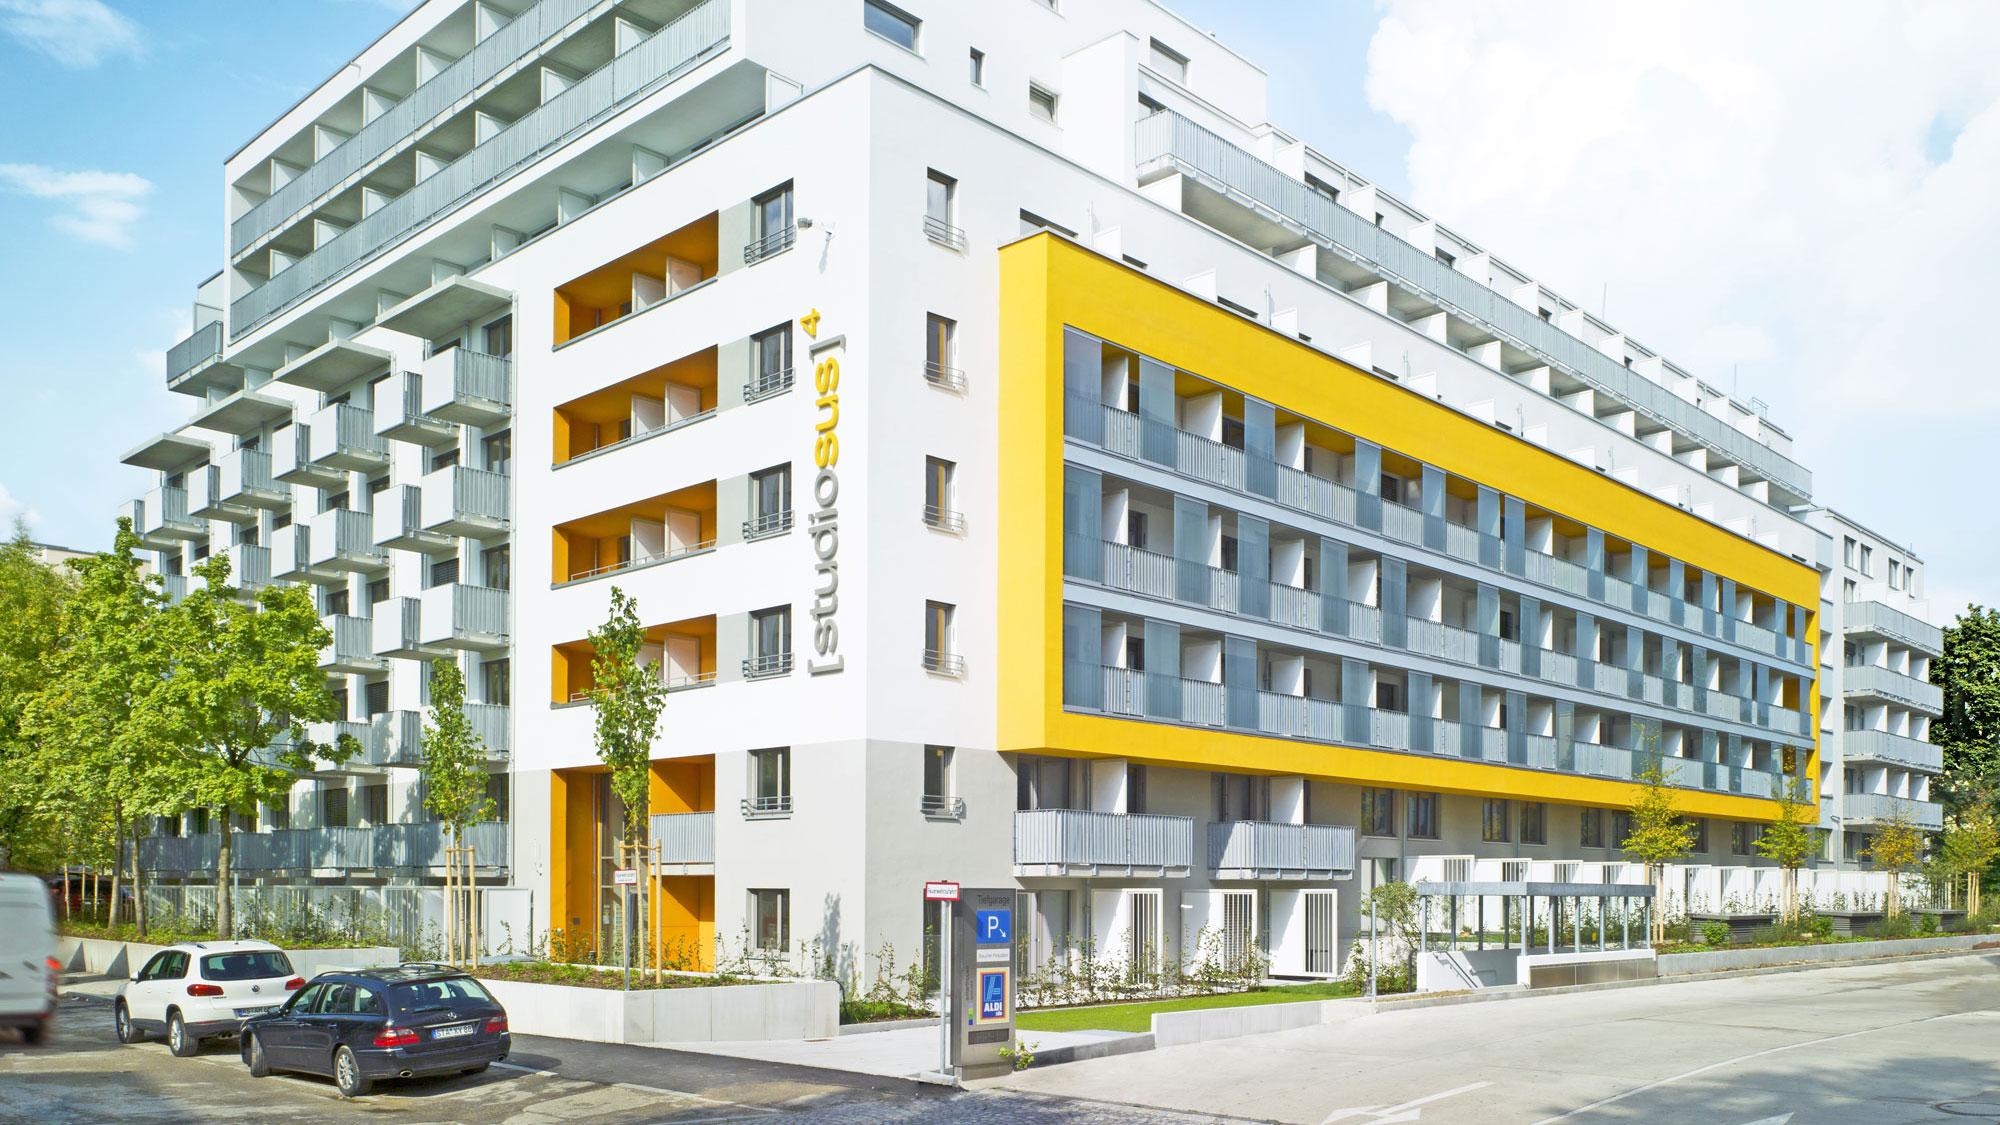 Neubauprojekt studiosus 4 in München - Außenansicht der Wohnanlage mit Studentenwohnungen in zentraler Lage